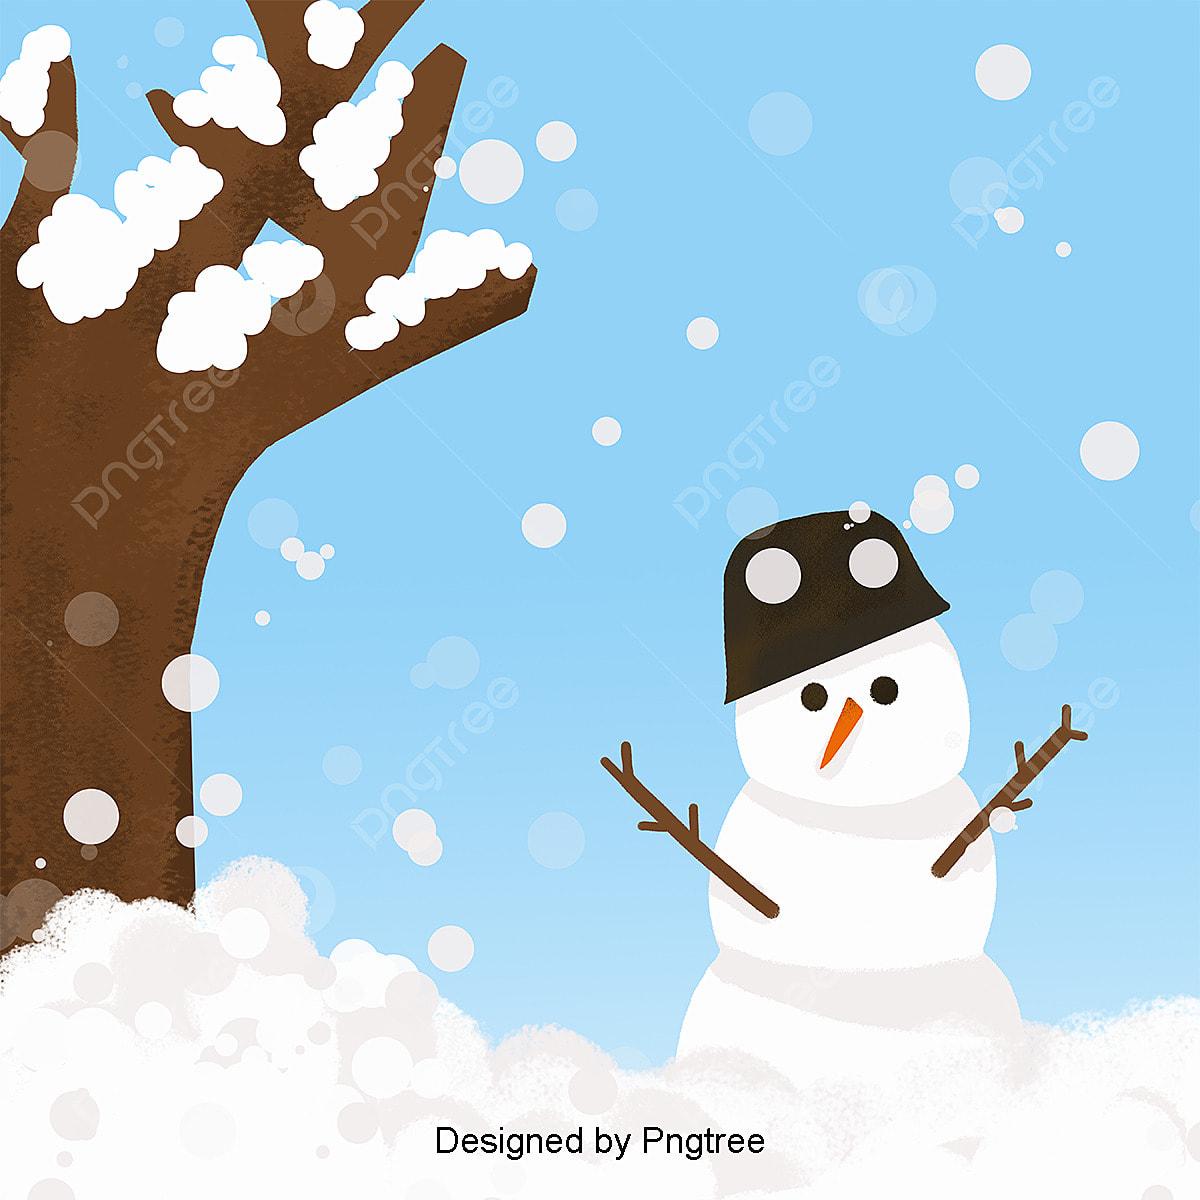 Desenhos De Boneco De Neve De Inverno Linda Flocos De Neve O